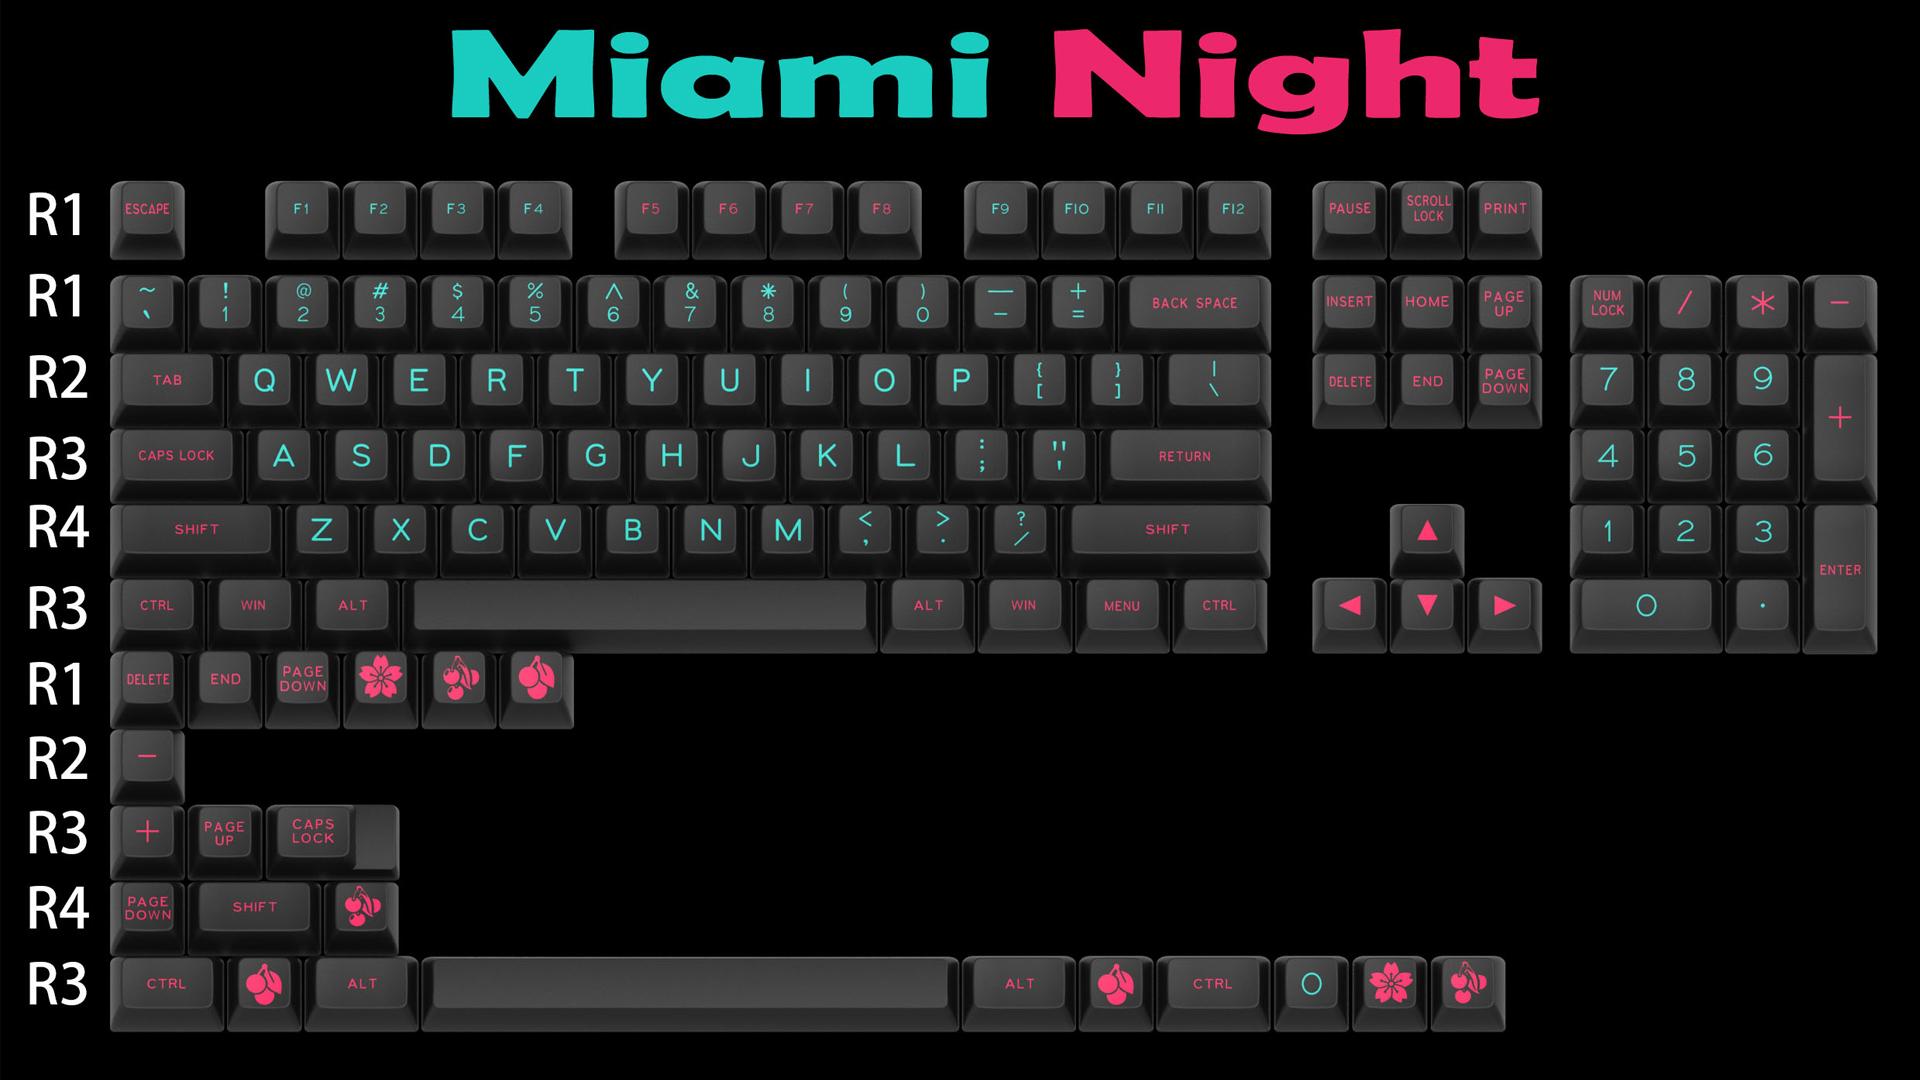 1c41c87c6b0 MAXKEY SA Night Miami keycaps set